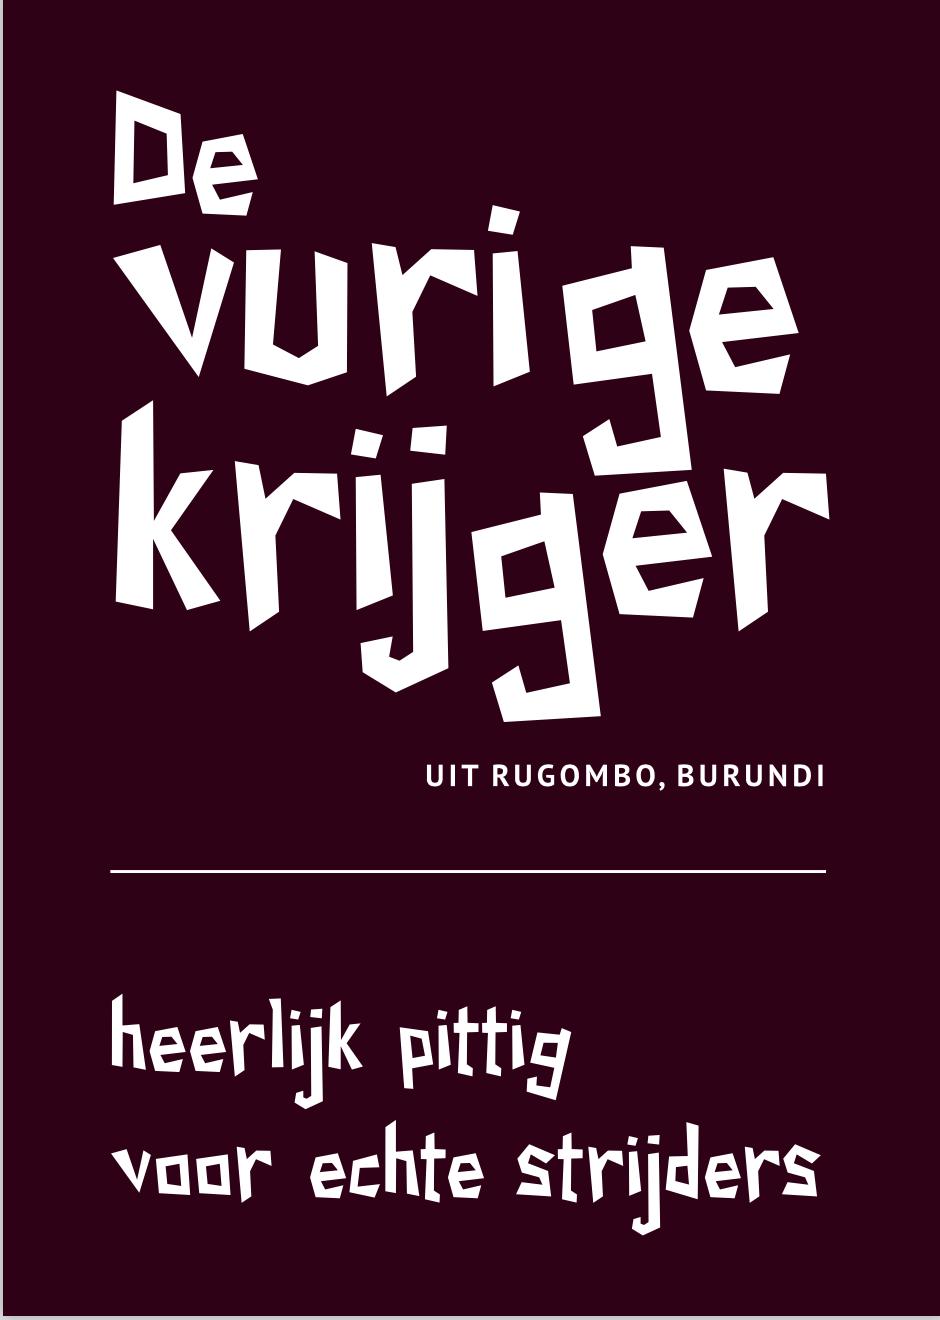 De Vurige Krijger, een pittige Pure Africa koffie uit Burundi